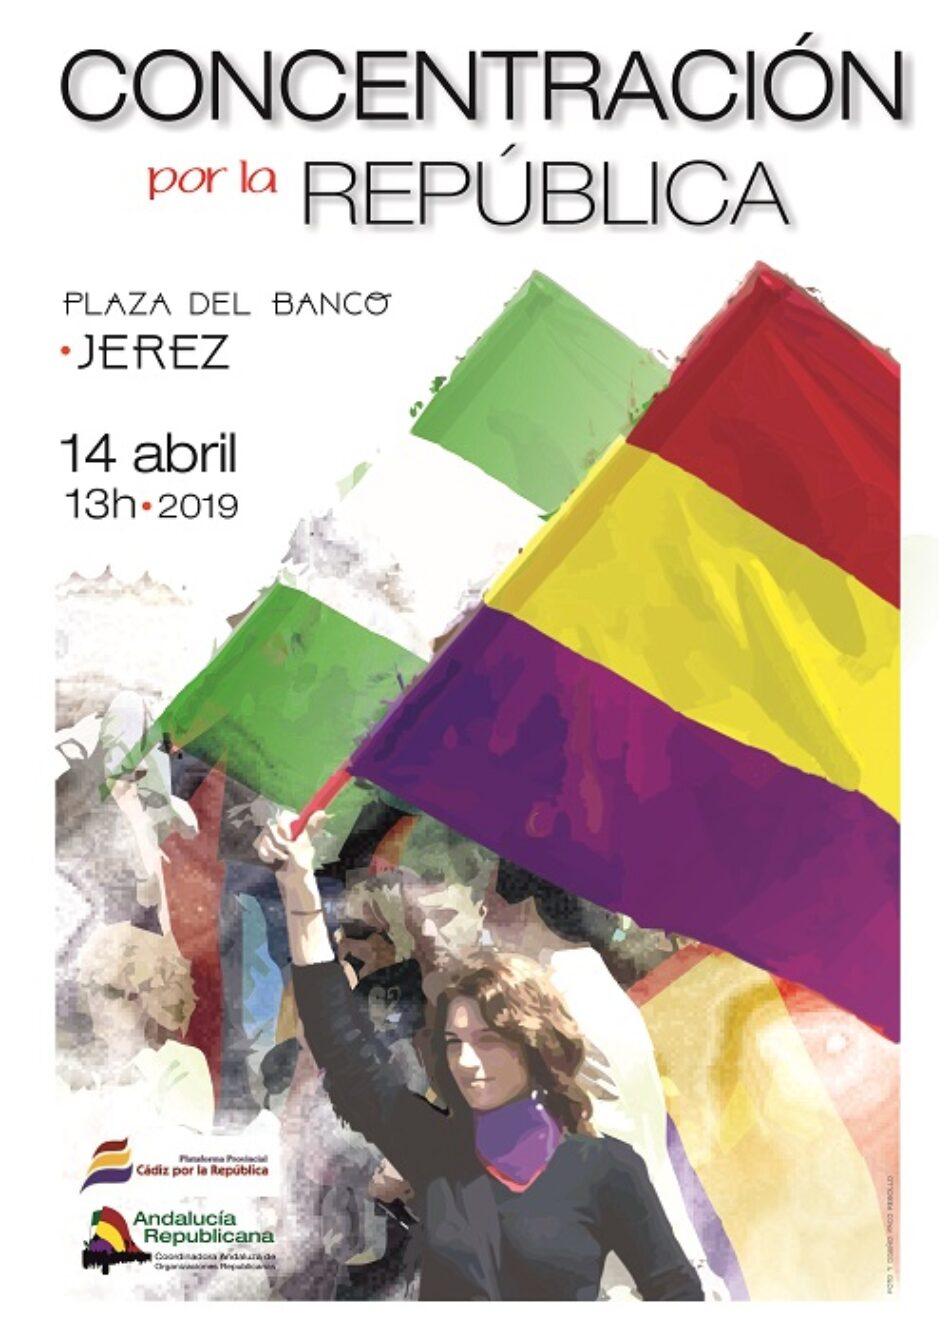 La Plataforma provincial Cádiz por la República convoca concentración el 14 de Abril